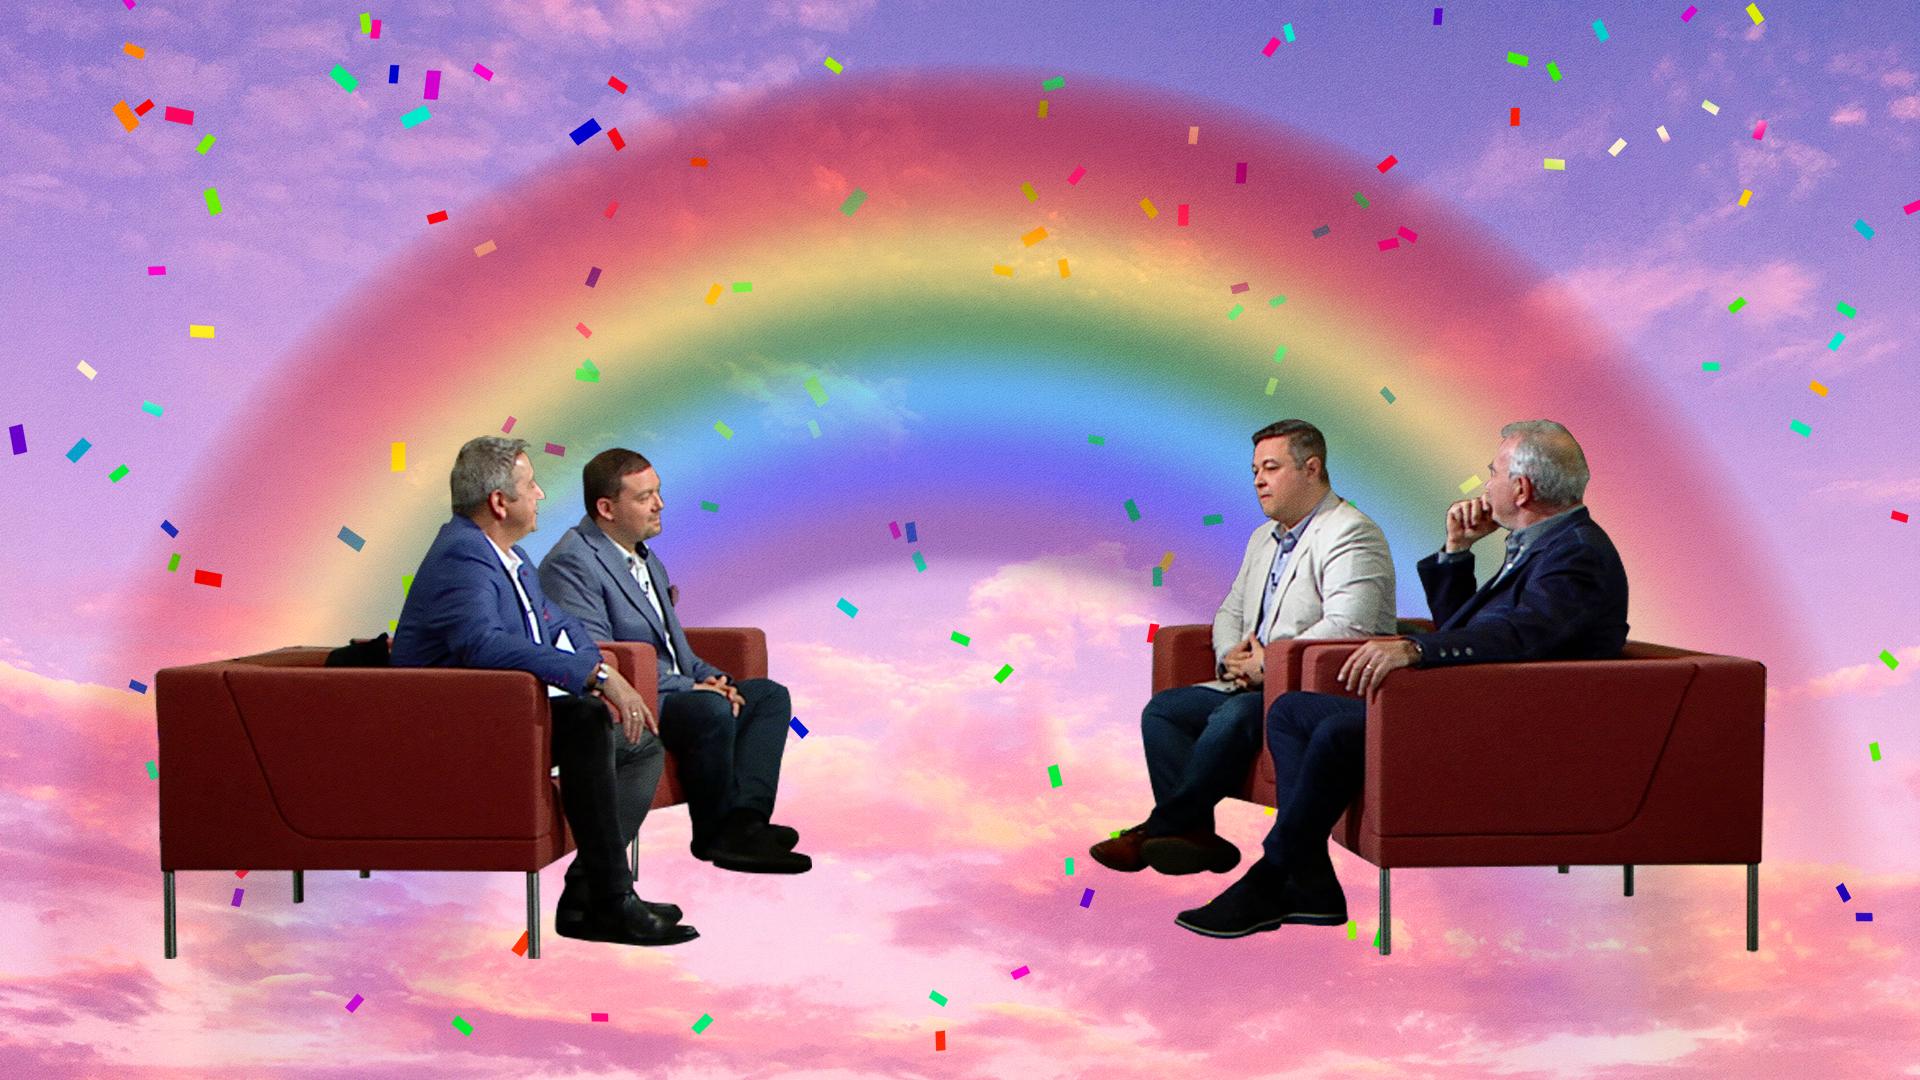 Kik a fideszesek homoszexuális ismerősei, akik rendre elítélik a Pride-ot?